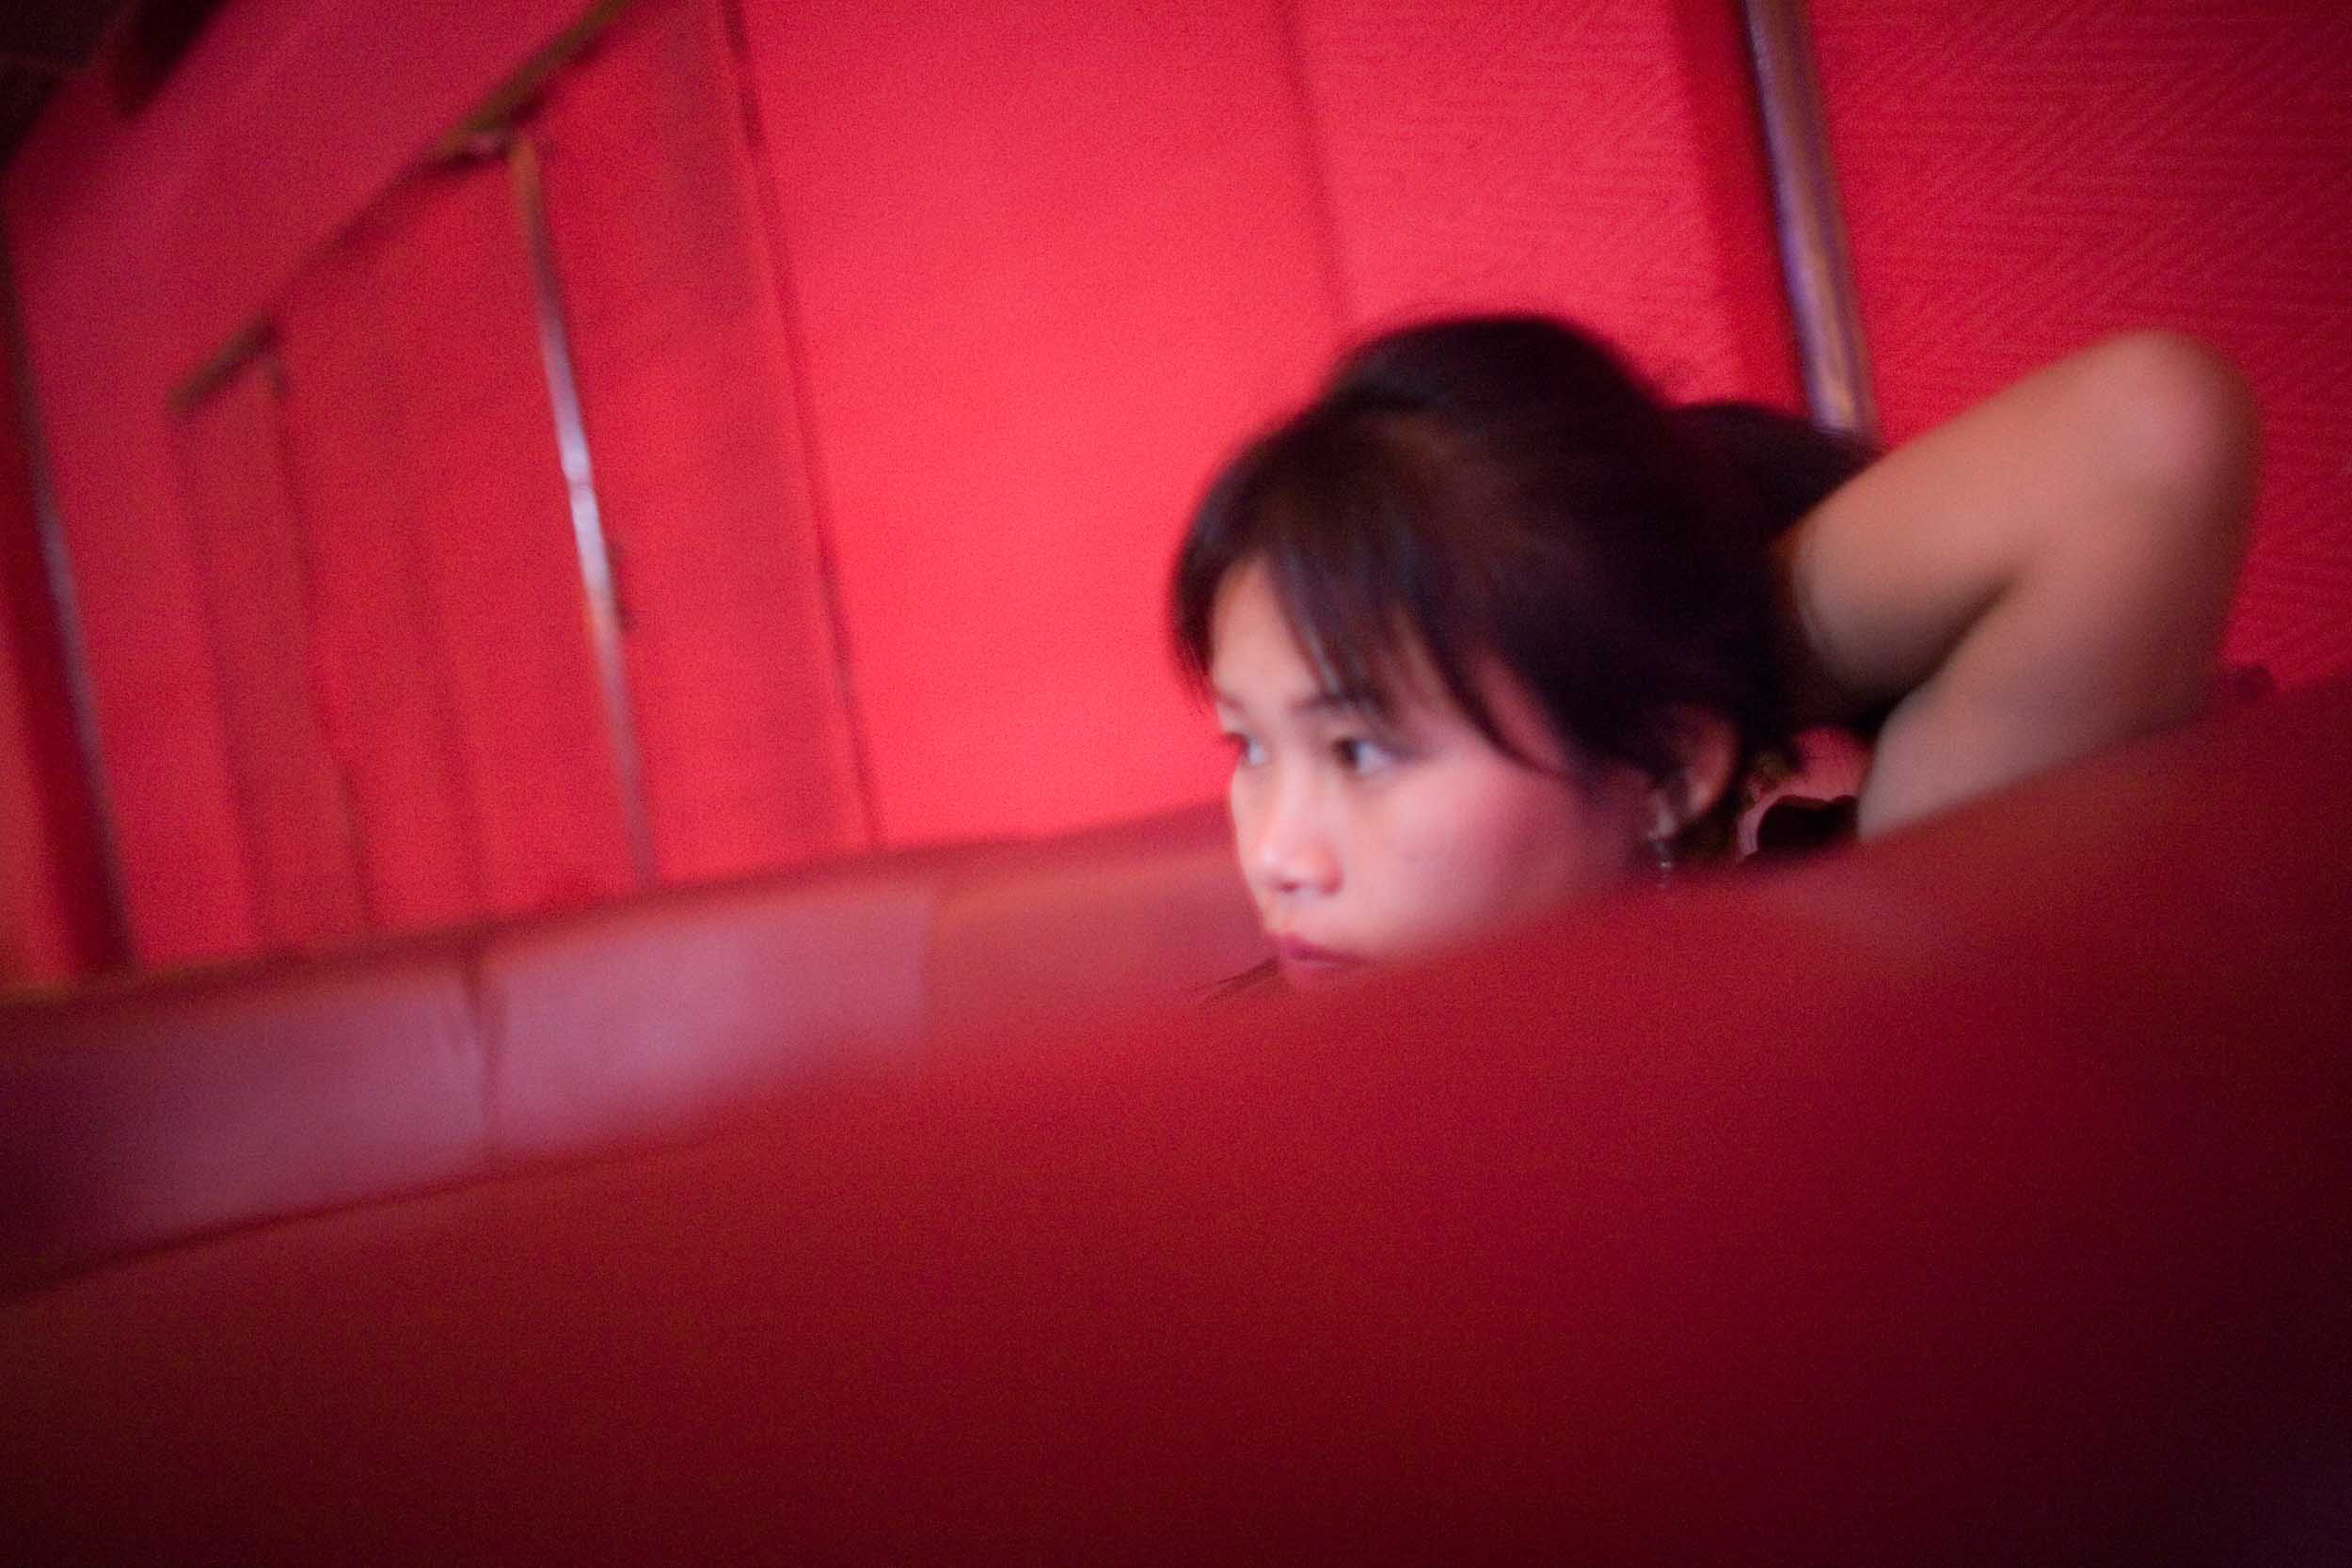 07-0602_LA_Luang_Prabang_0602 copy.jpg